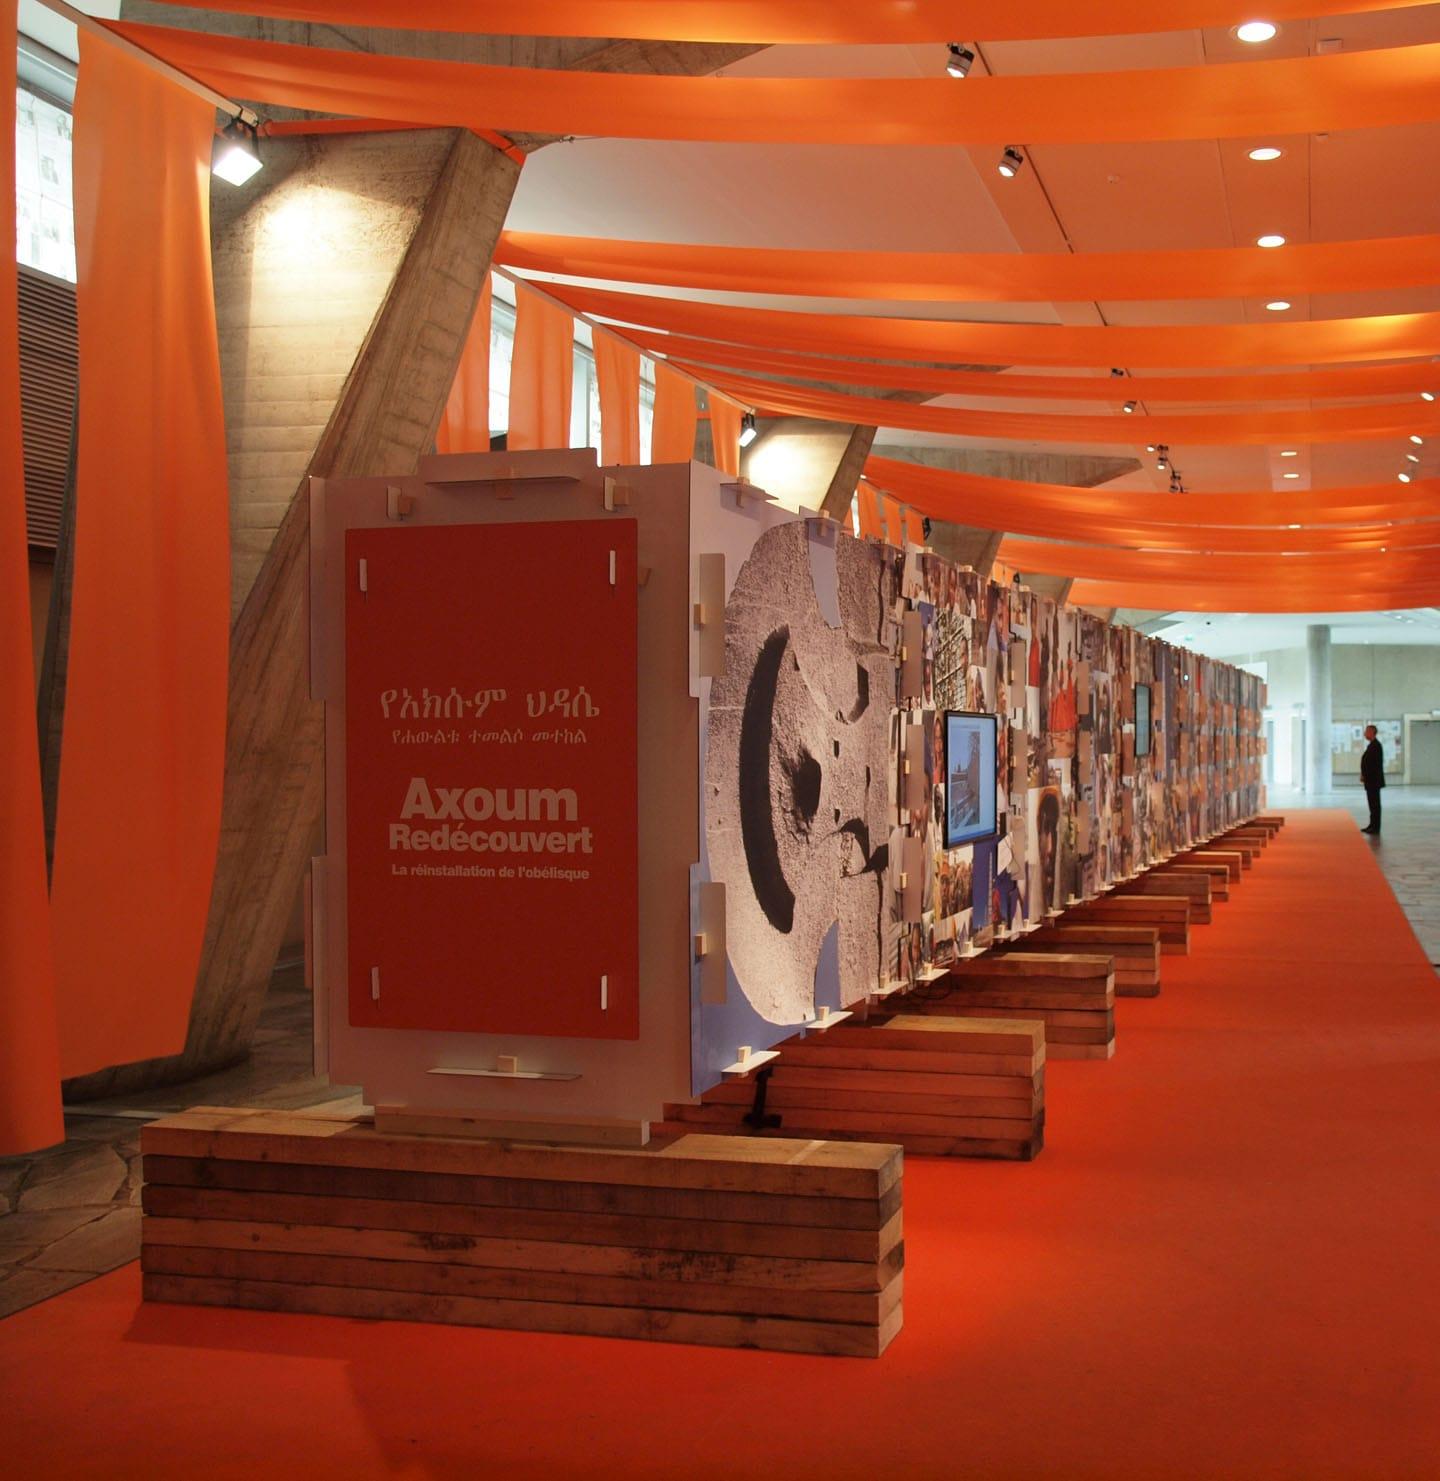 Unesco Axoum